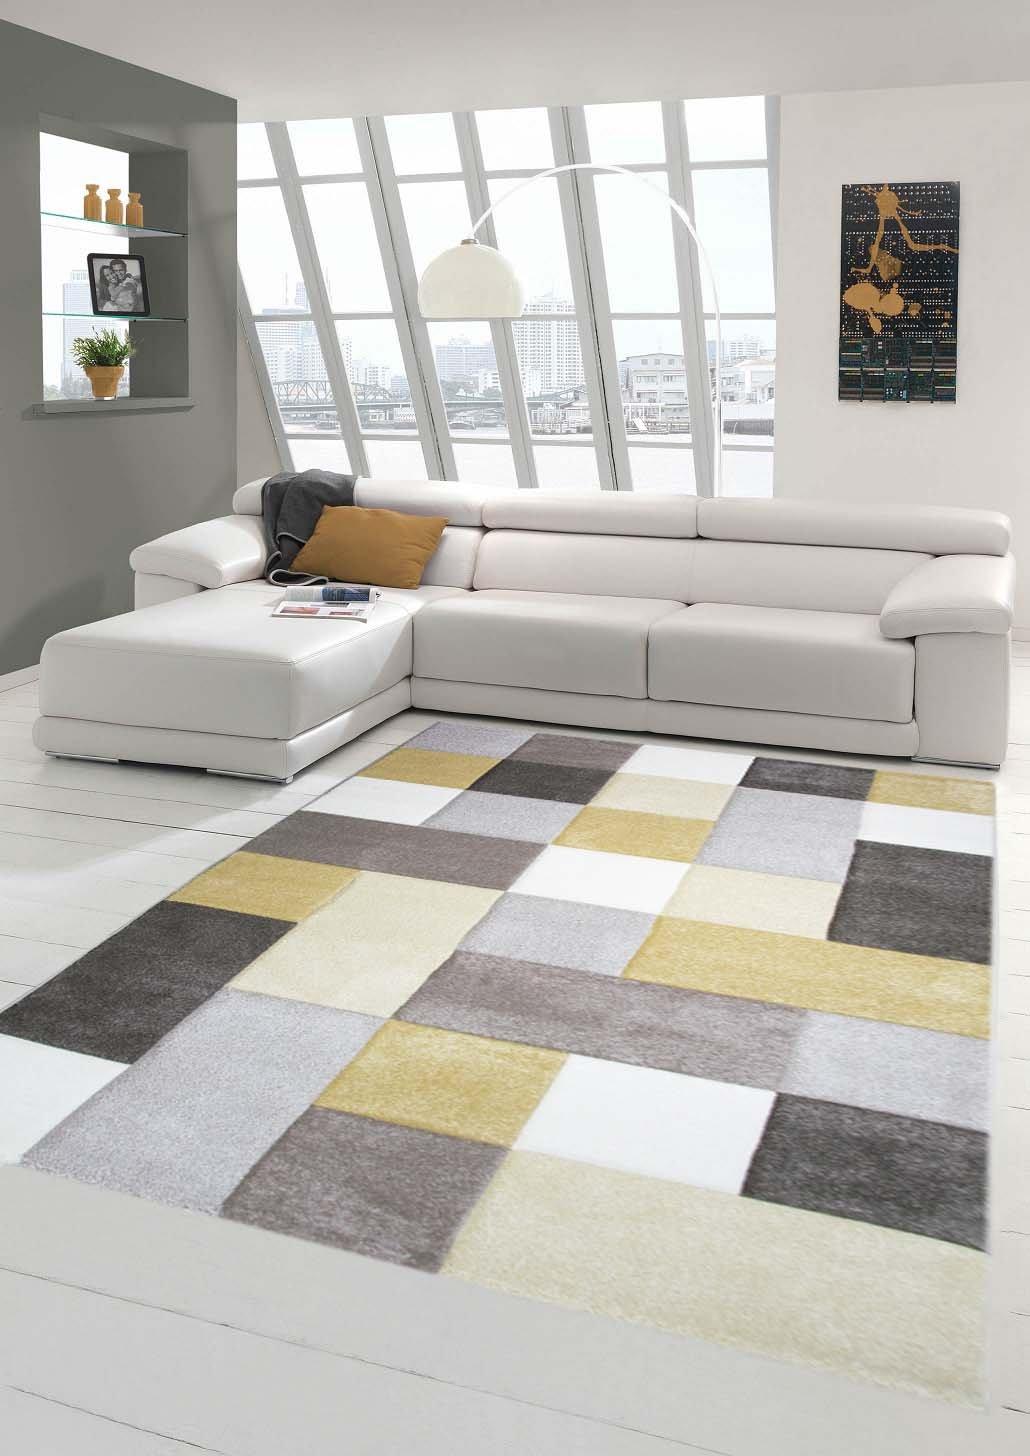 Traum Designer und Moderner Teppich Pastellfarben in Karomuster Gelb Creme Beige Größe 120x170 cm